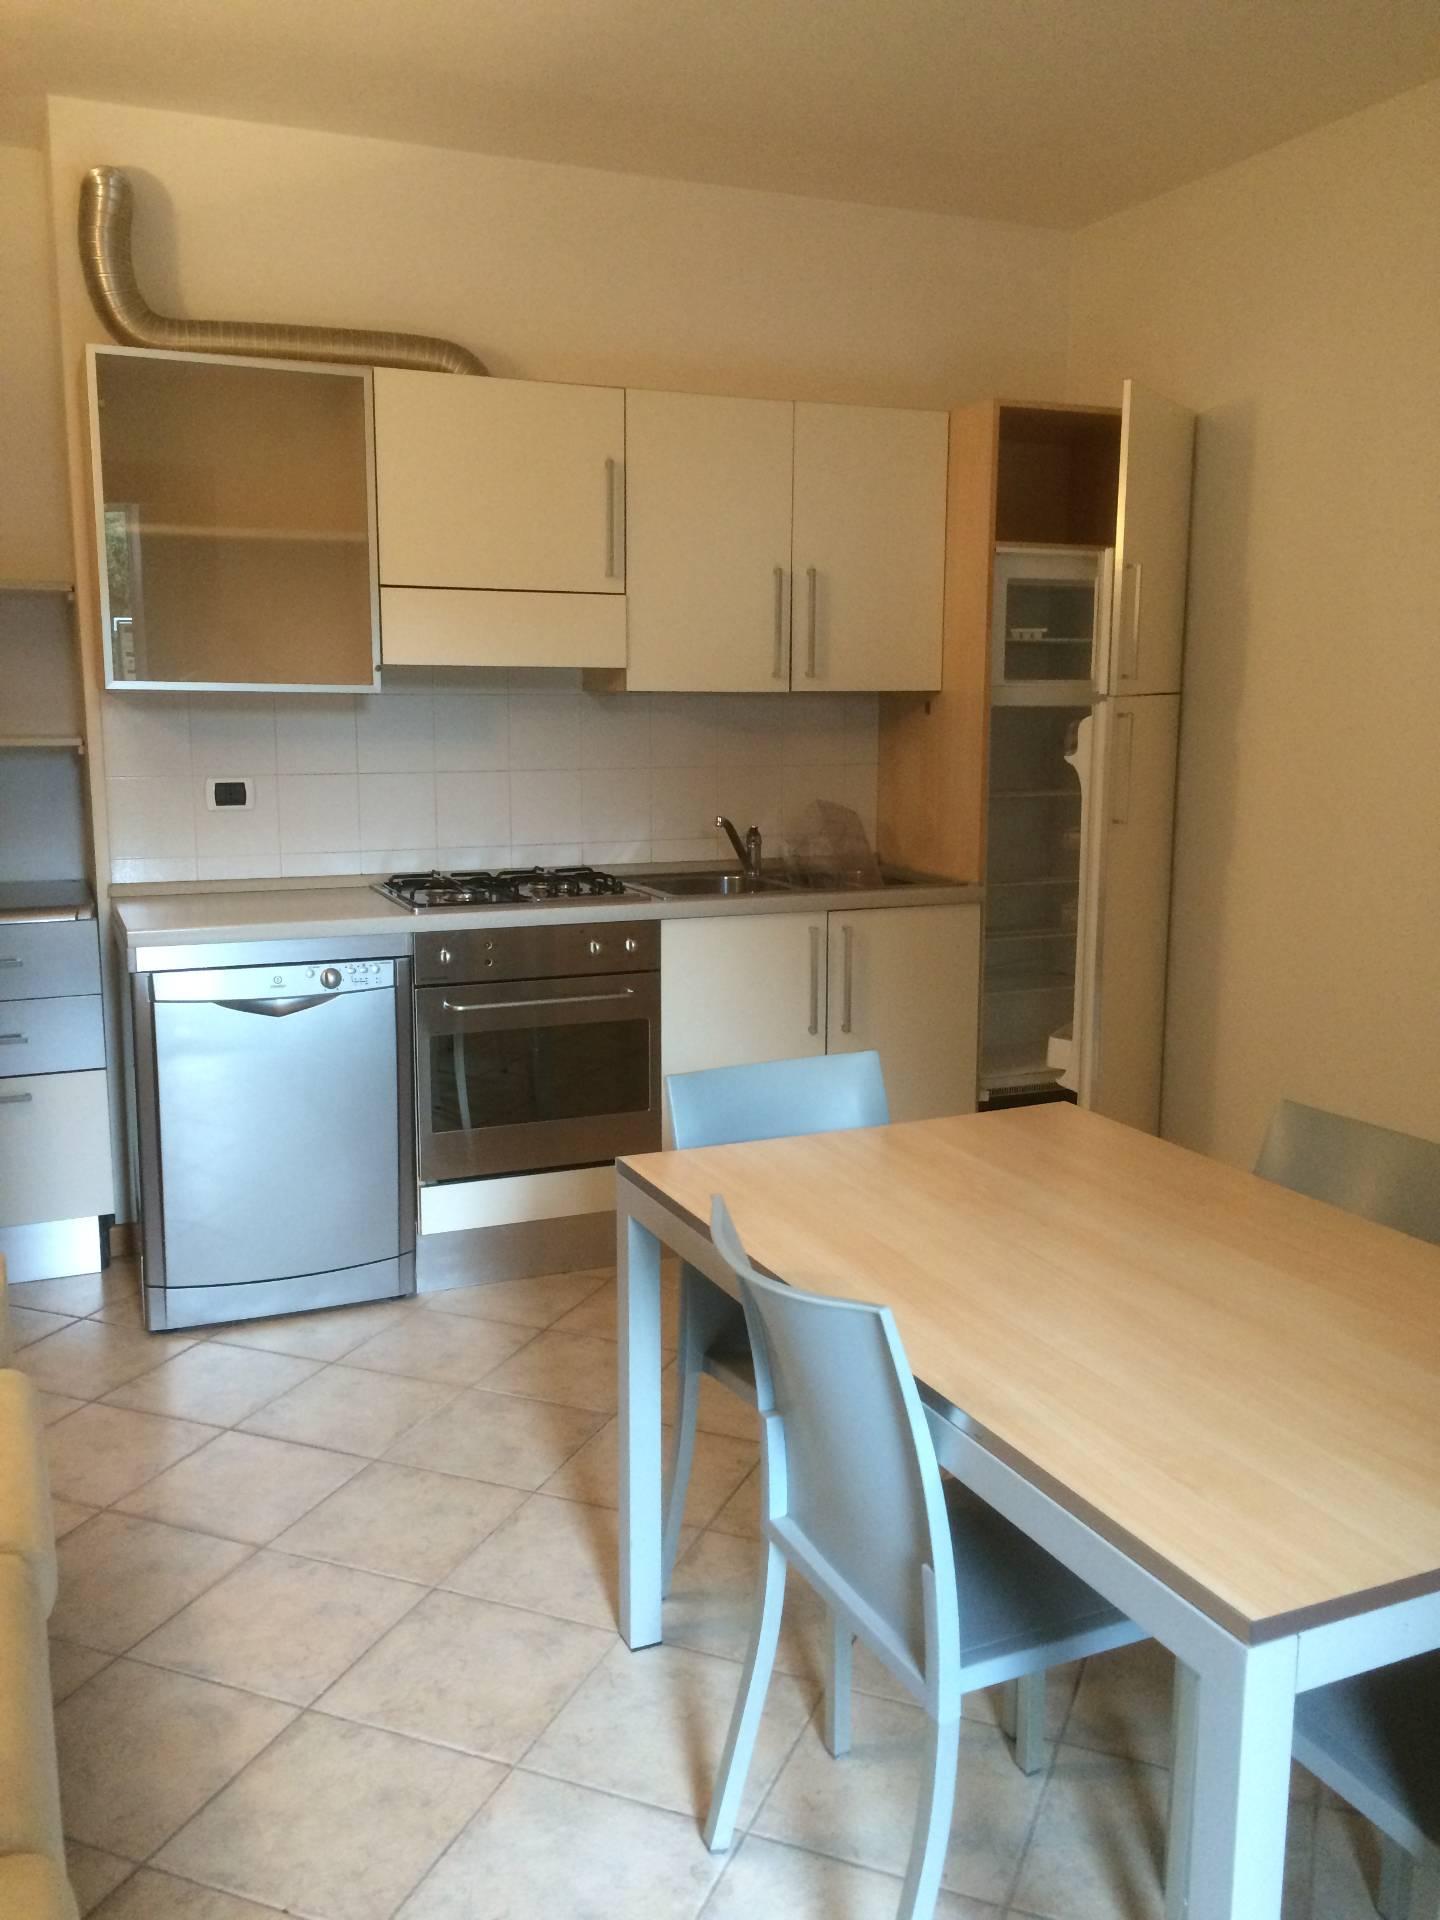 Appartamento in affitto a Montebelluna, 2 locali, zona Località: LaPieve, prezzo € 480 | Cambio Casa.it